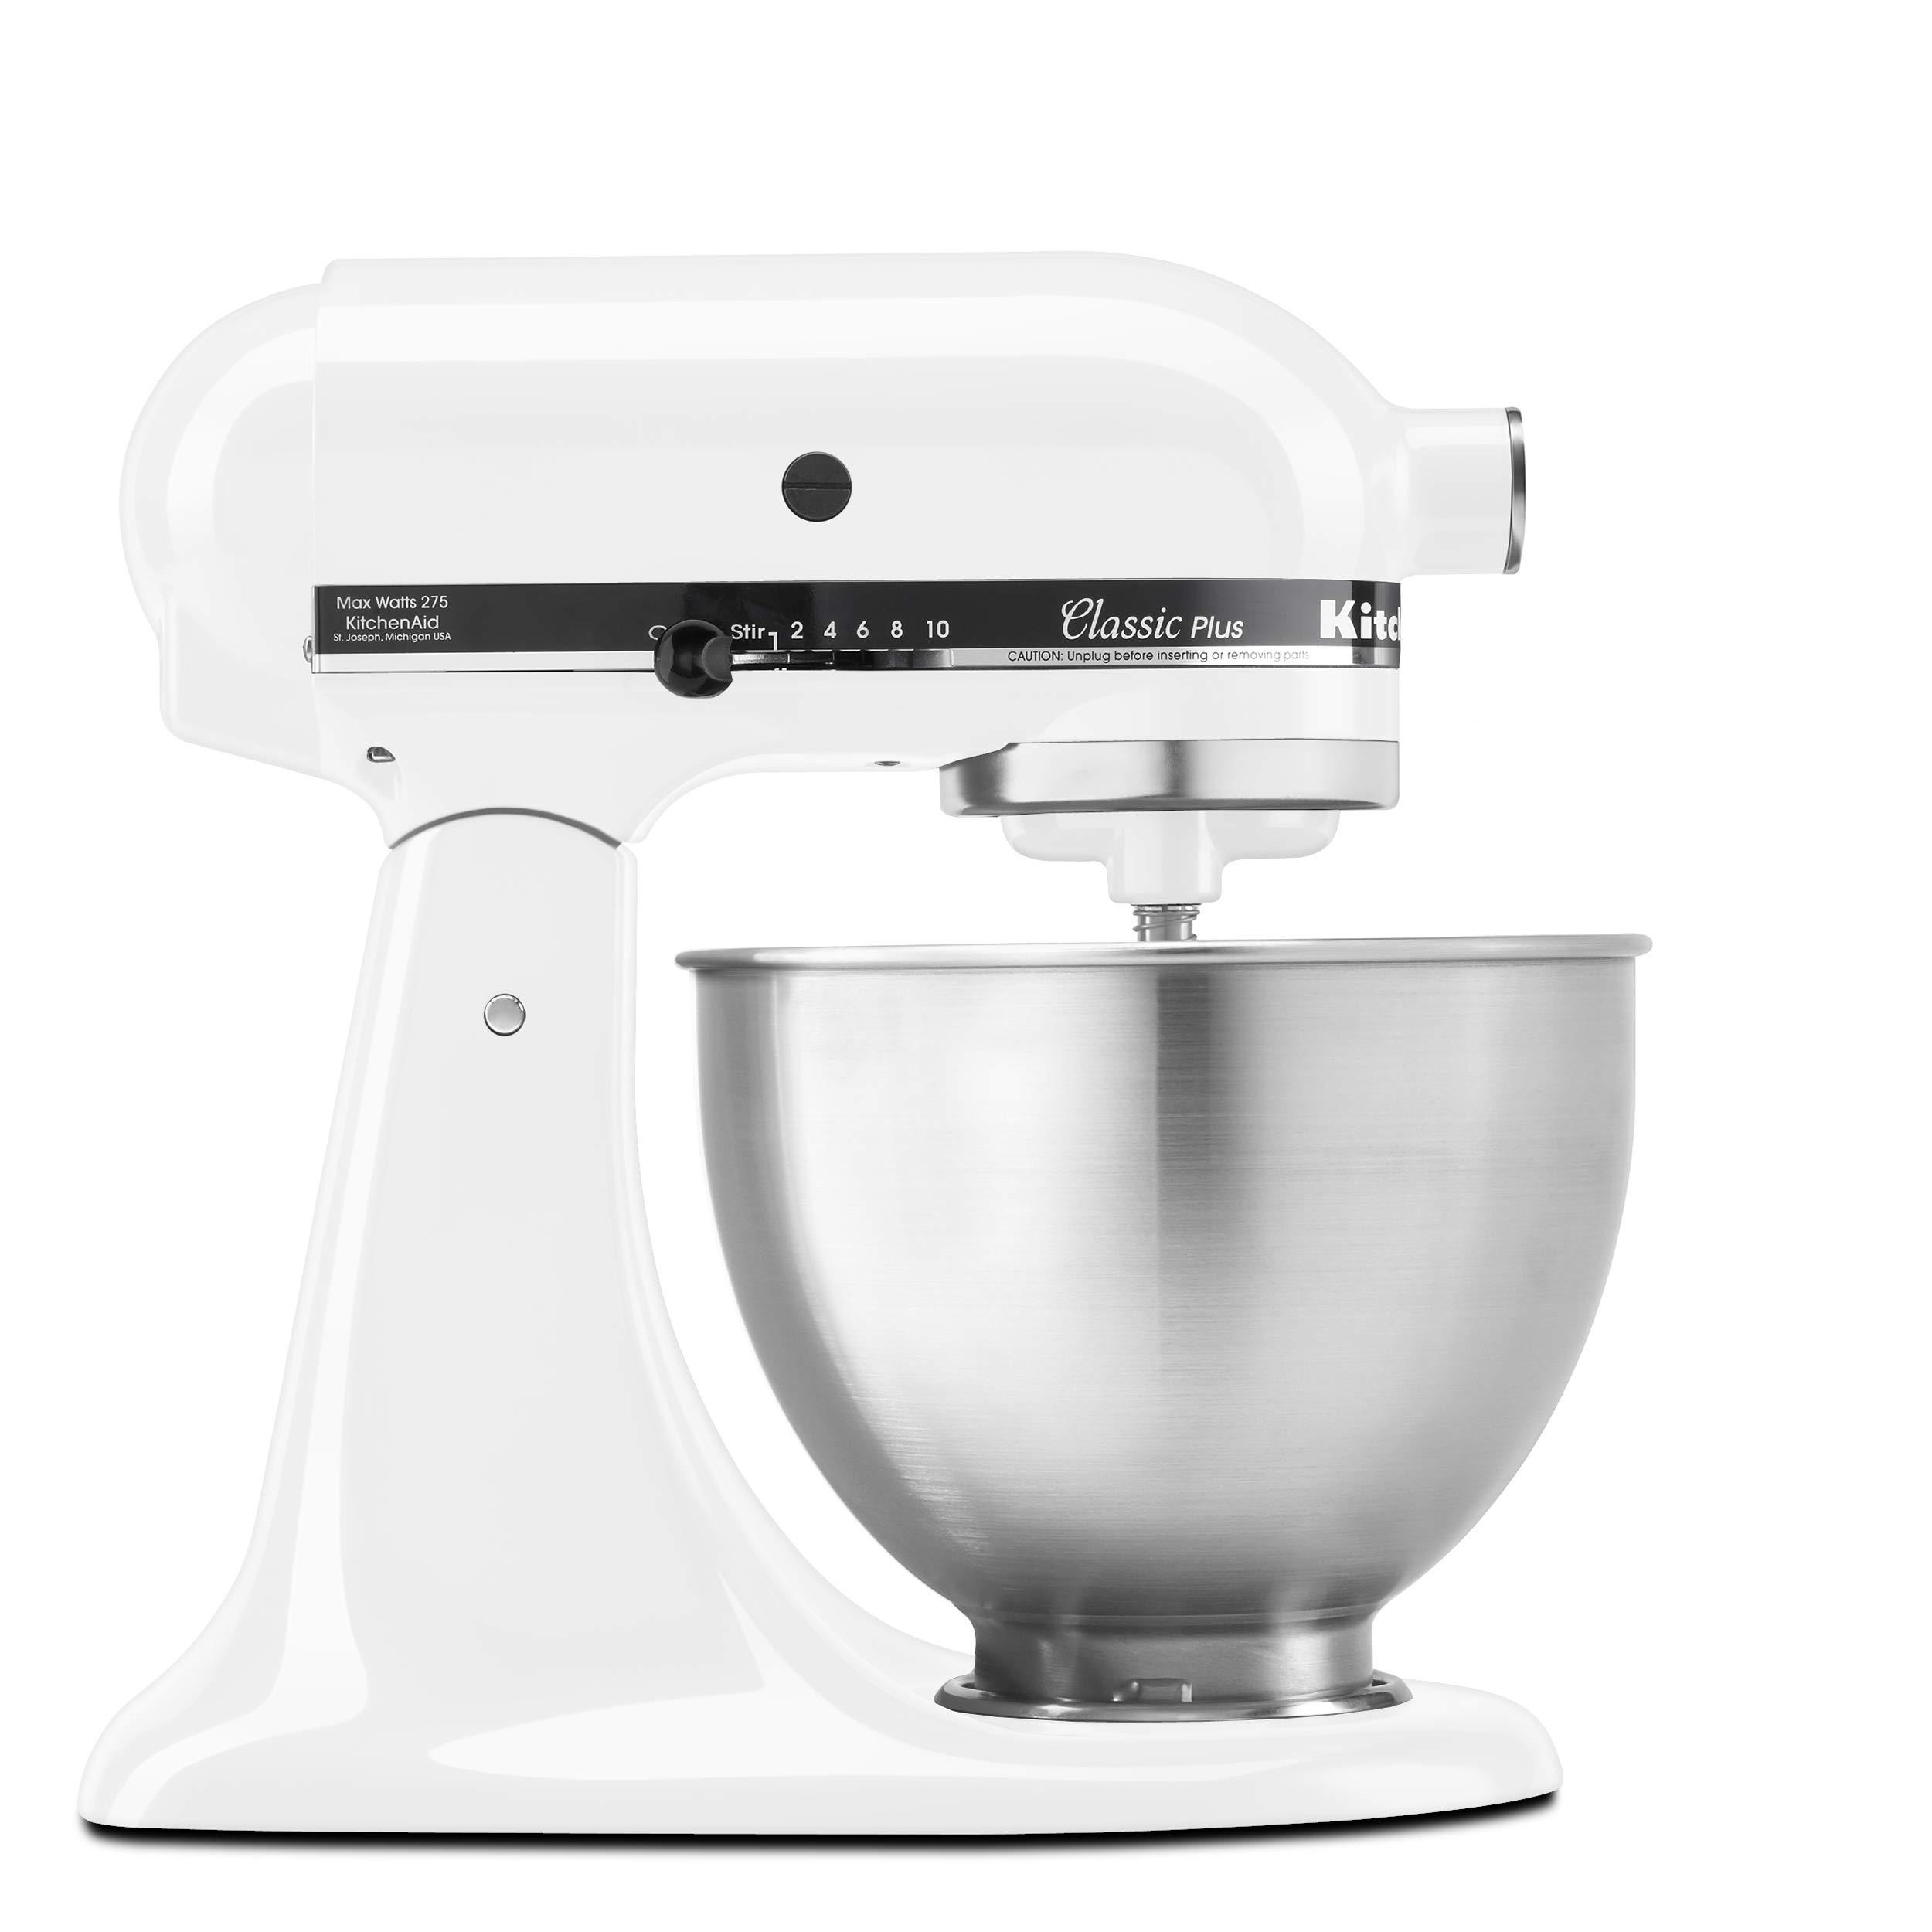 KitchenAid KSM75WH Classic Plus Series 4.5-Quart Tilt-Head Stand Mixer, White by KitchenAid